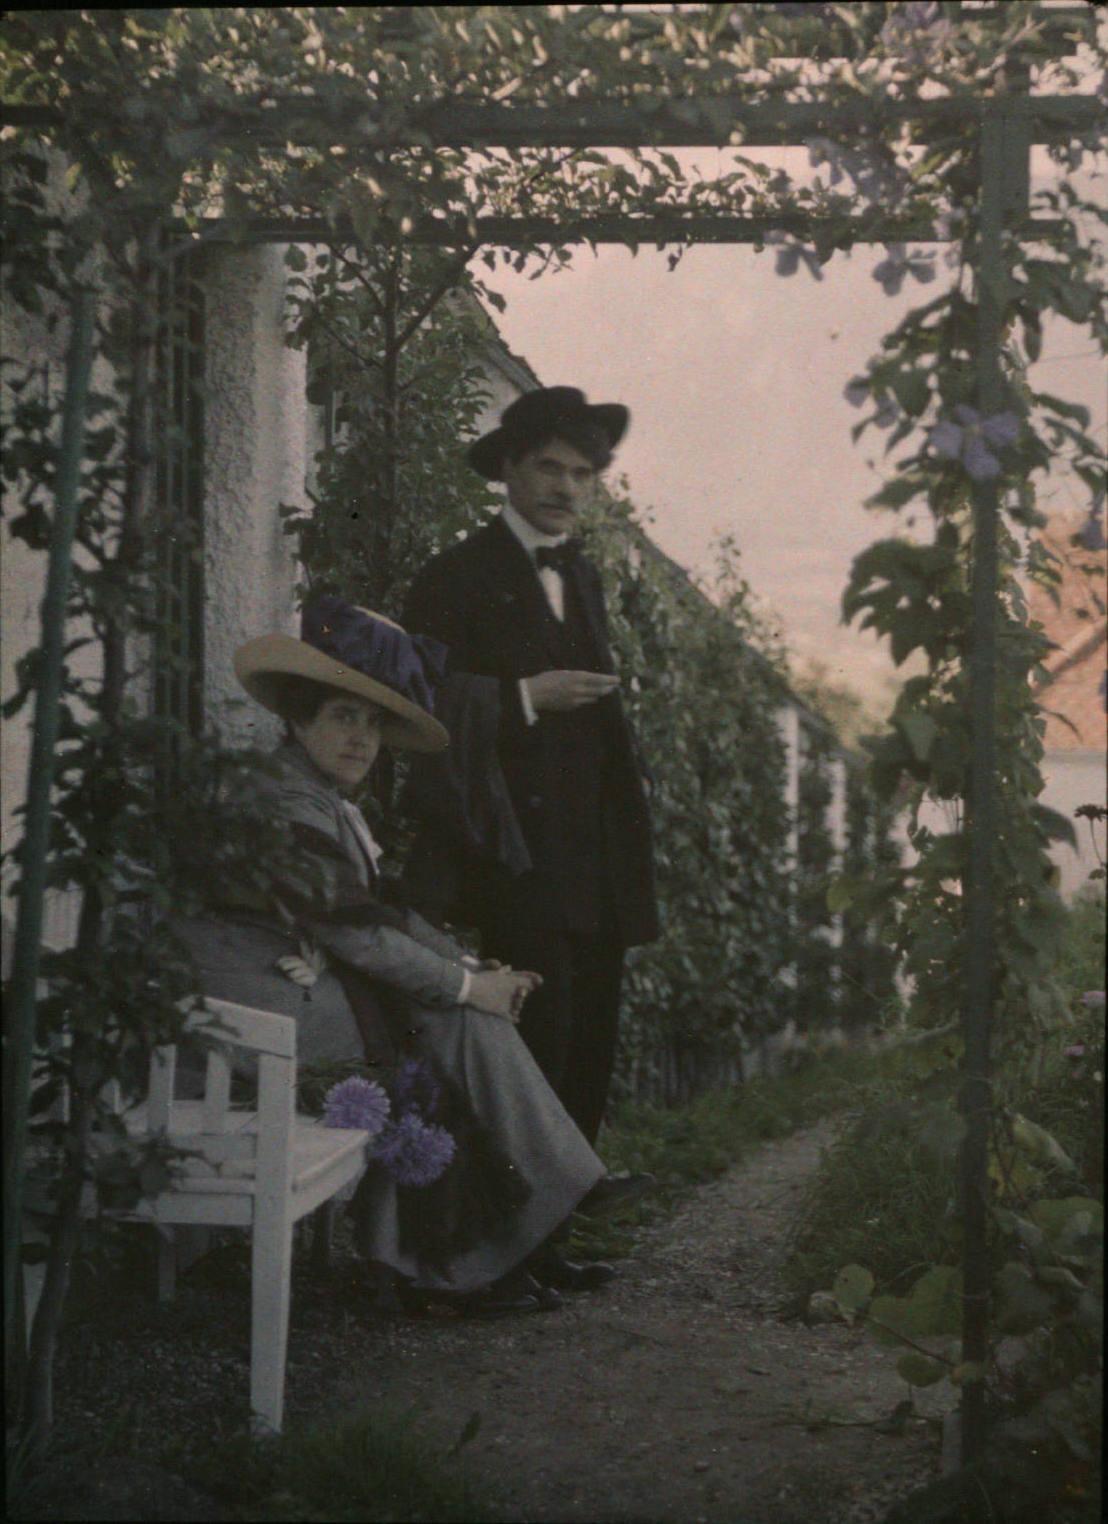 1910. Альфред Стиглиц со своей первой женой Эммилией Стиглиц